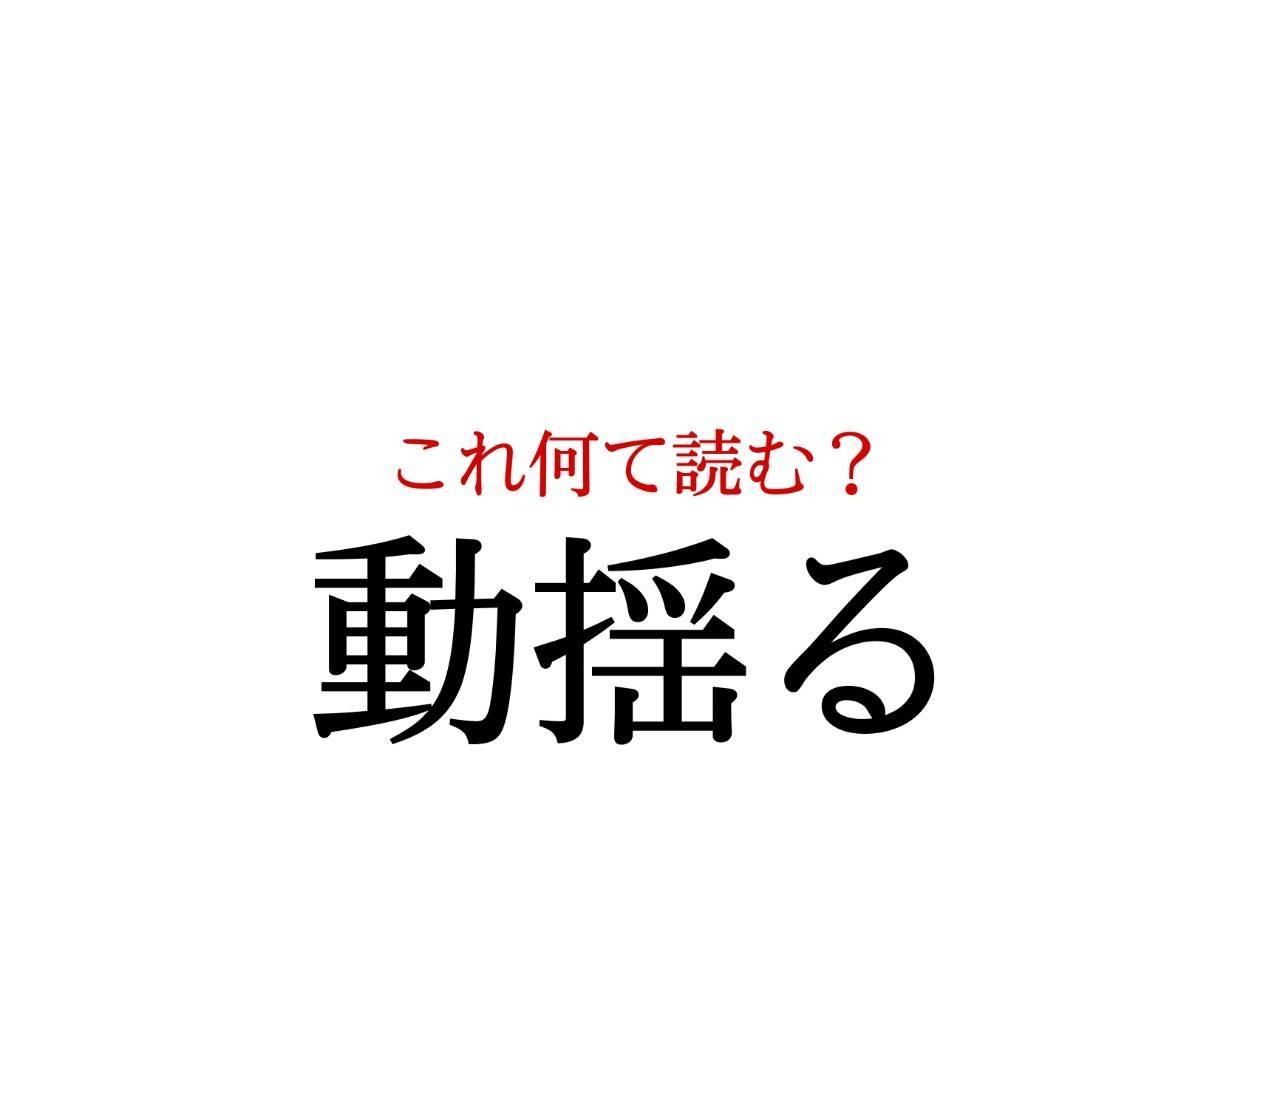 「動揺る」:この漢字、自信を持って読めますか?【働く大人の漢字クイズvol.235】